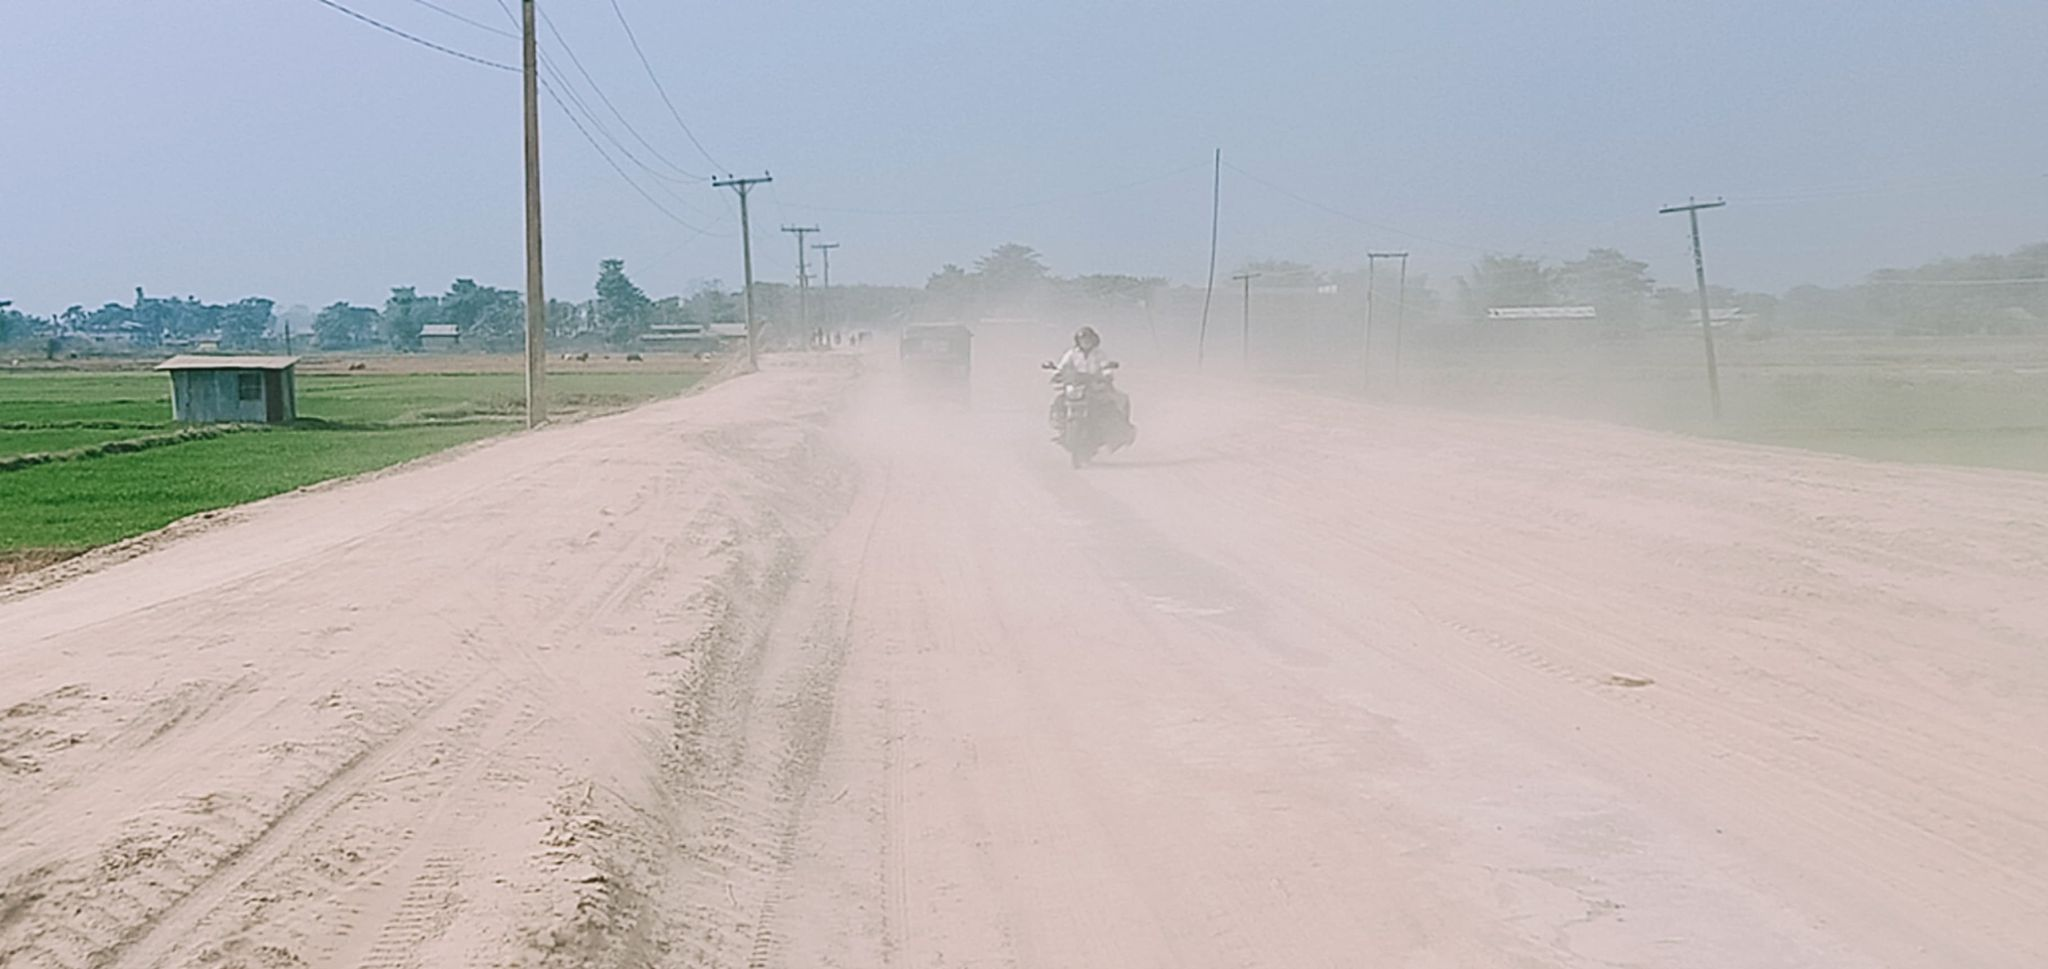 हुलाकी राजमार्गः विराटनगर–आमबाडी सडक धुलाम्मे बन्दा यात्रामा सकस (फोटो)